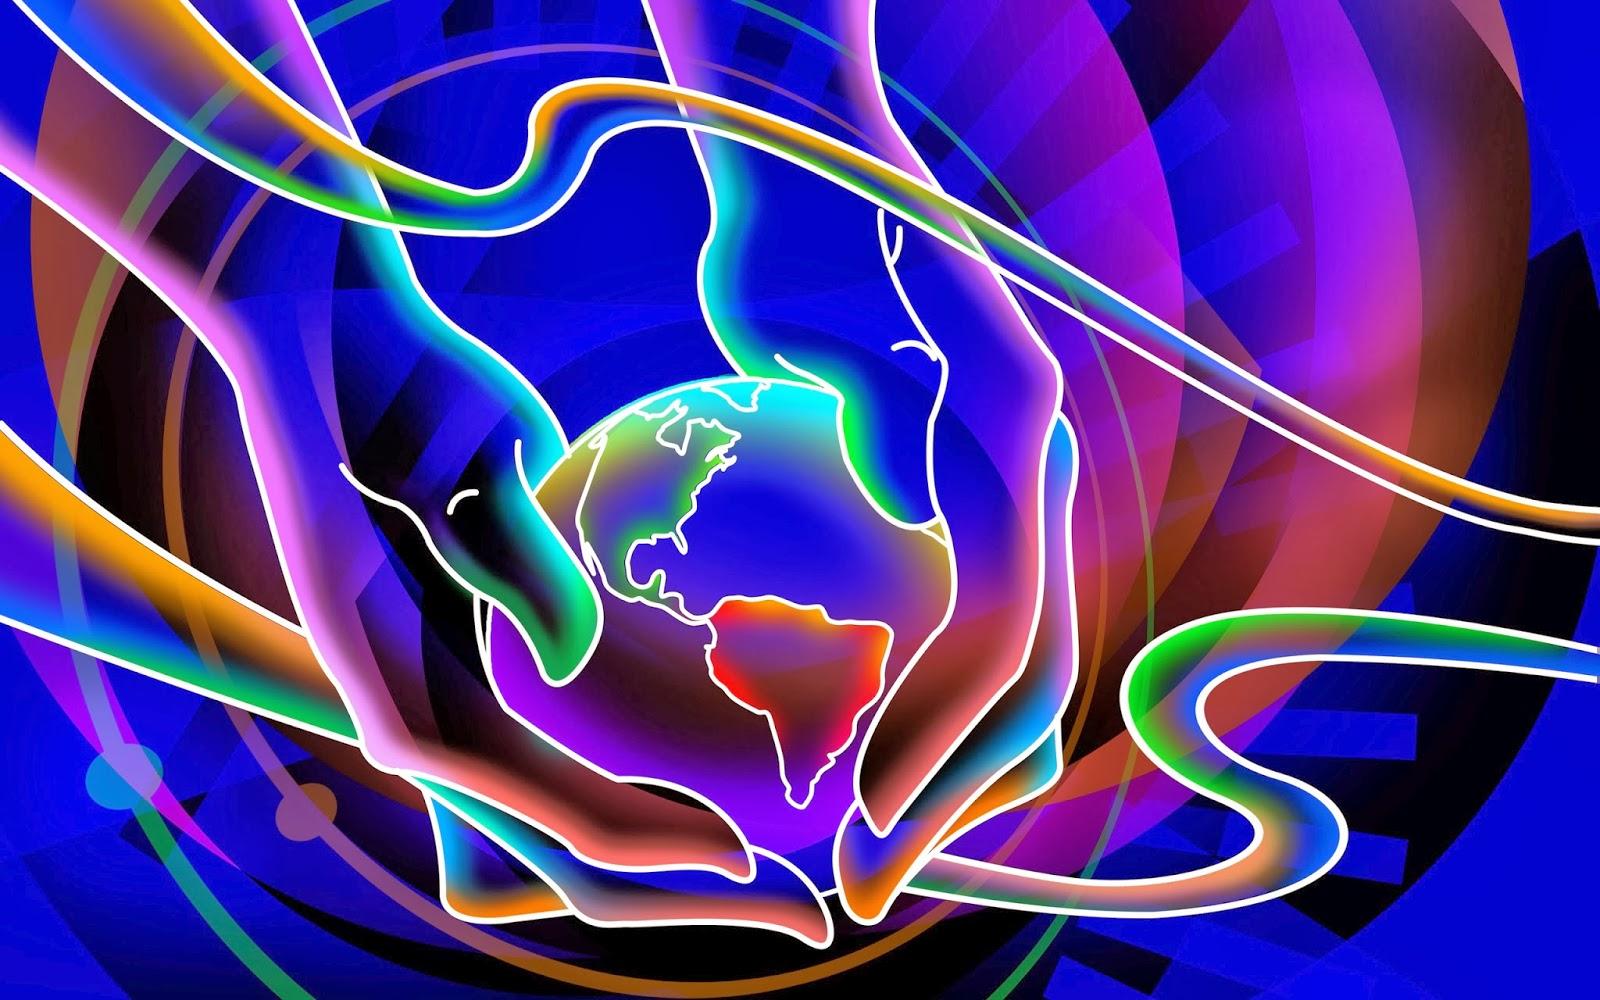 Artsy Wallpaper Modern Girl Hot Girl Wallpaper Best 3d Colour Ful Neon Lovely Hd